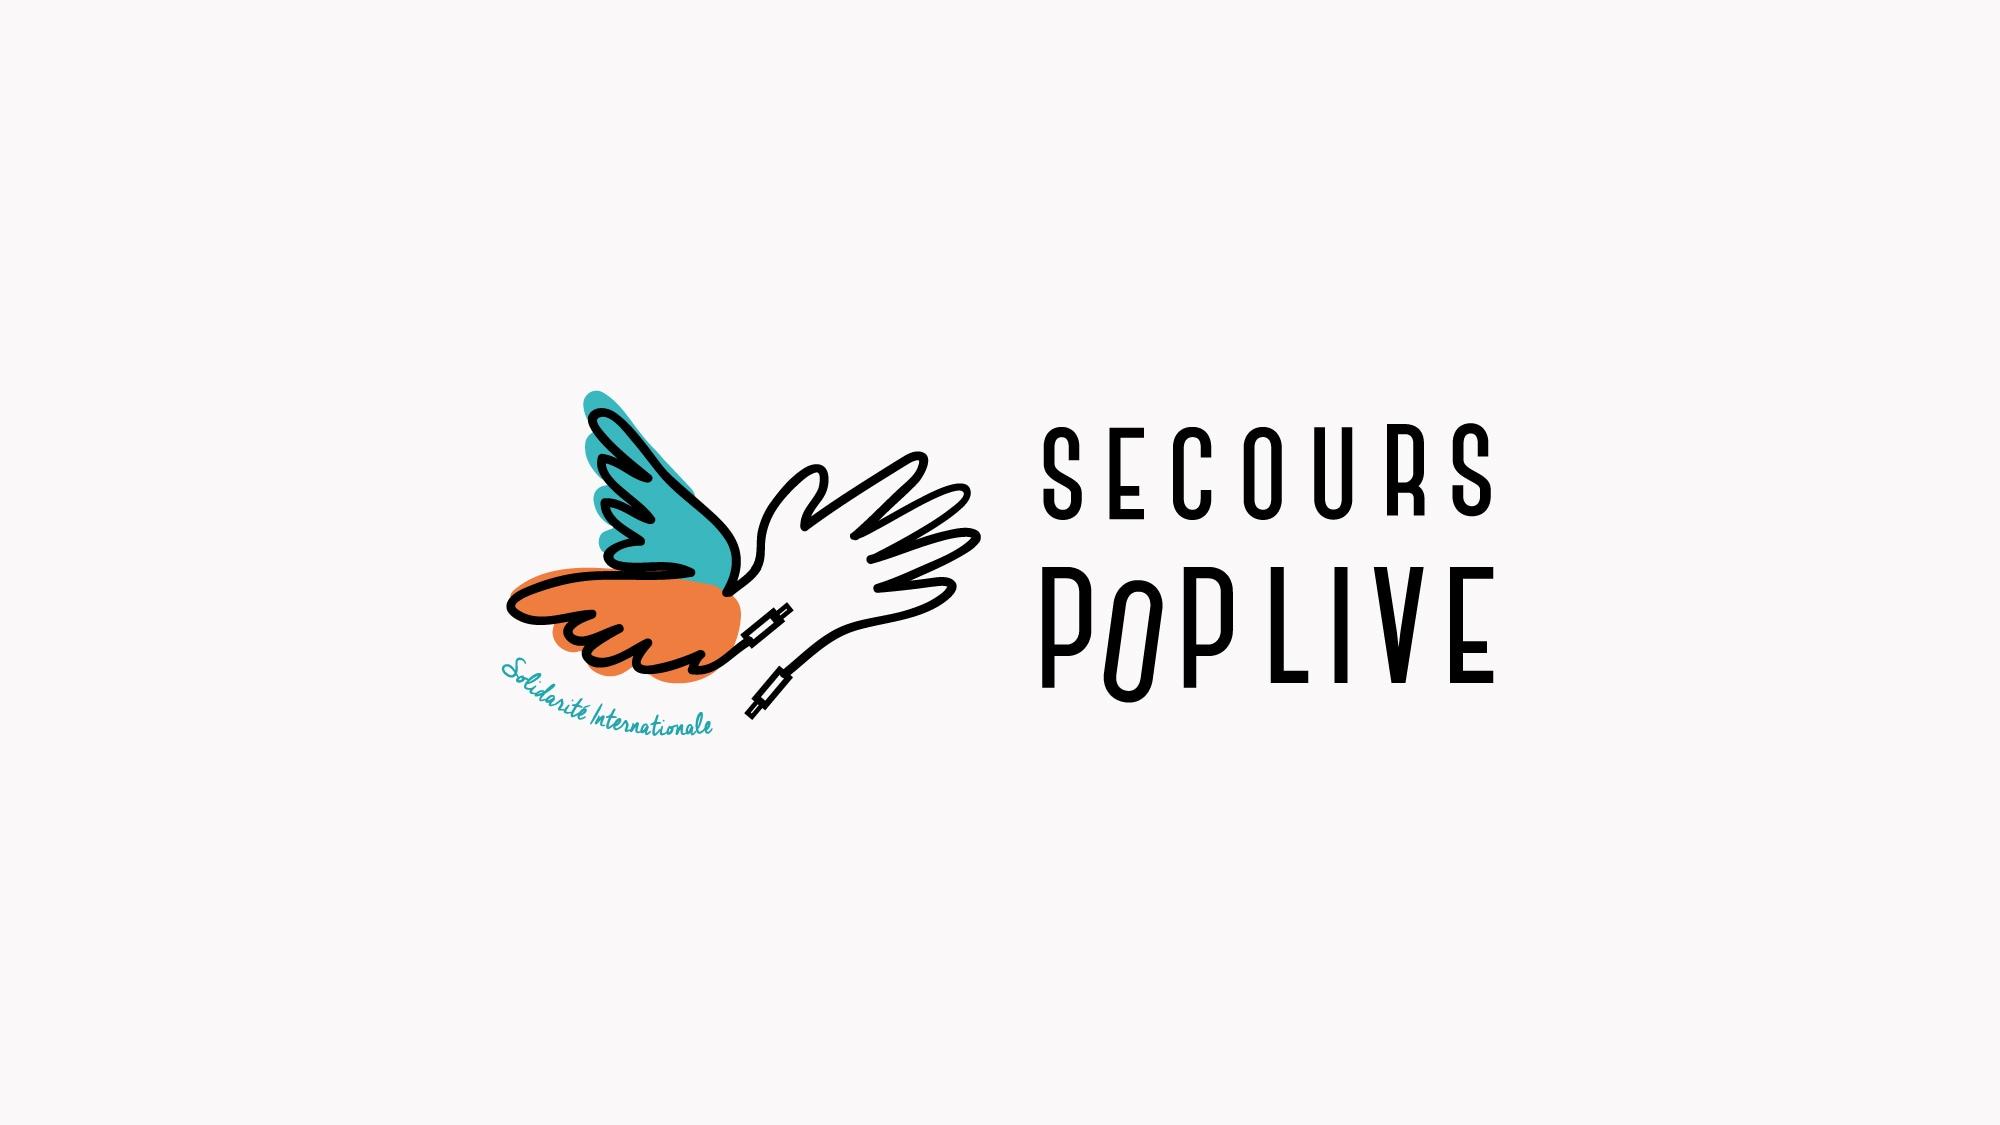 secours-populaire-paris-photographe-malvina-alves